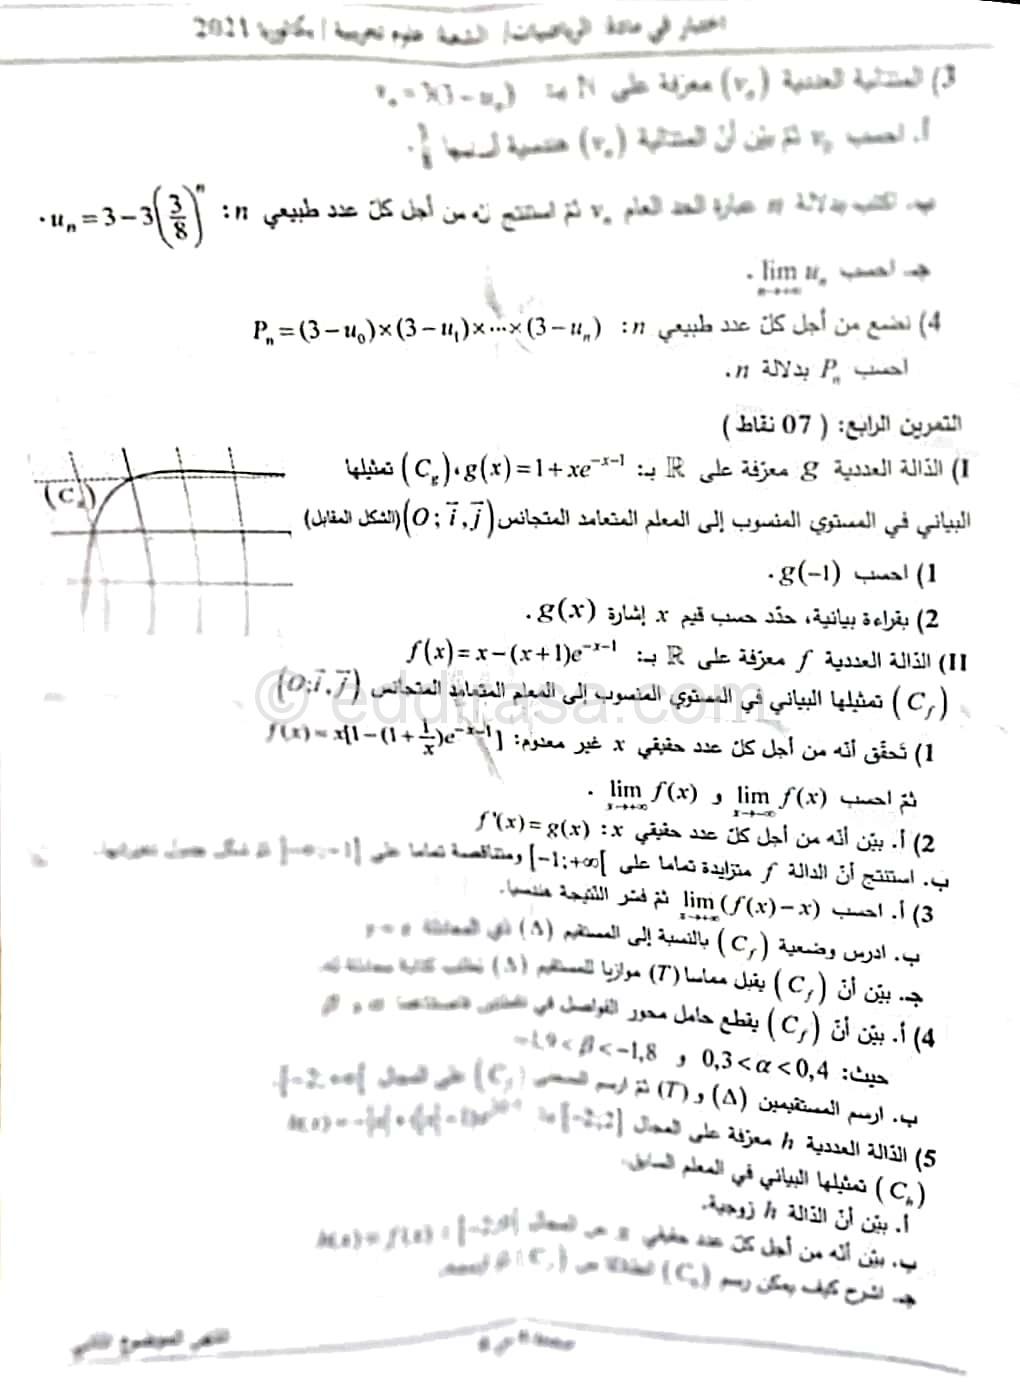 موضوع الرياضيات بكالوريا 2021 شعبة علوم تجريبية